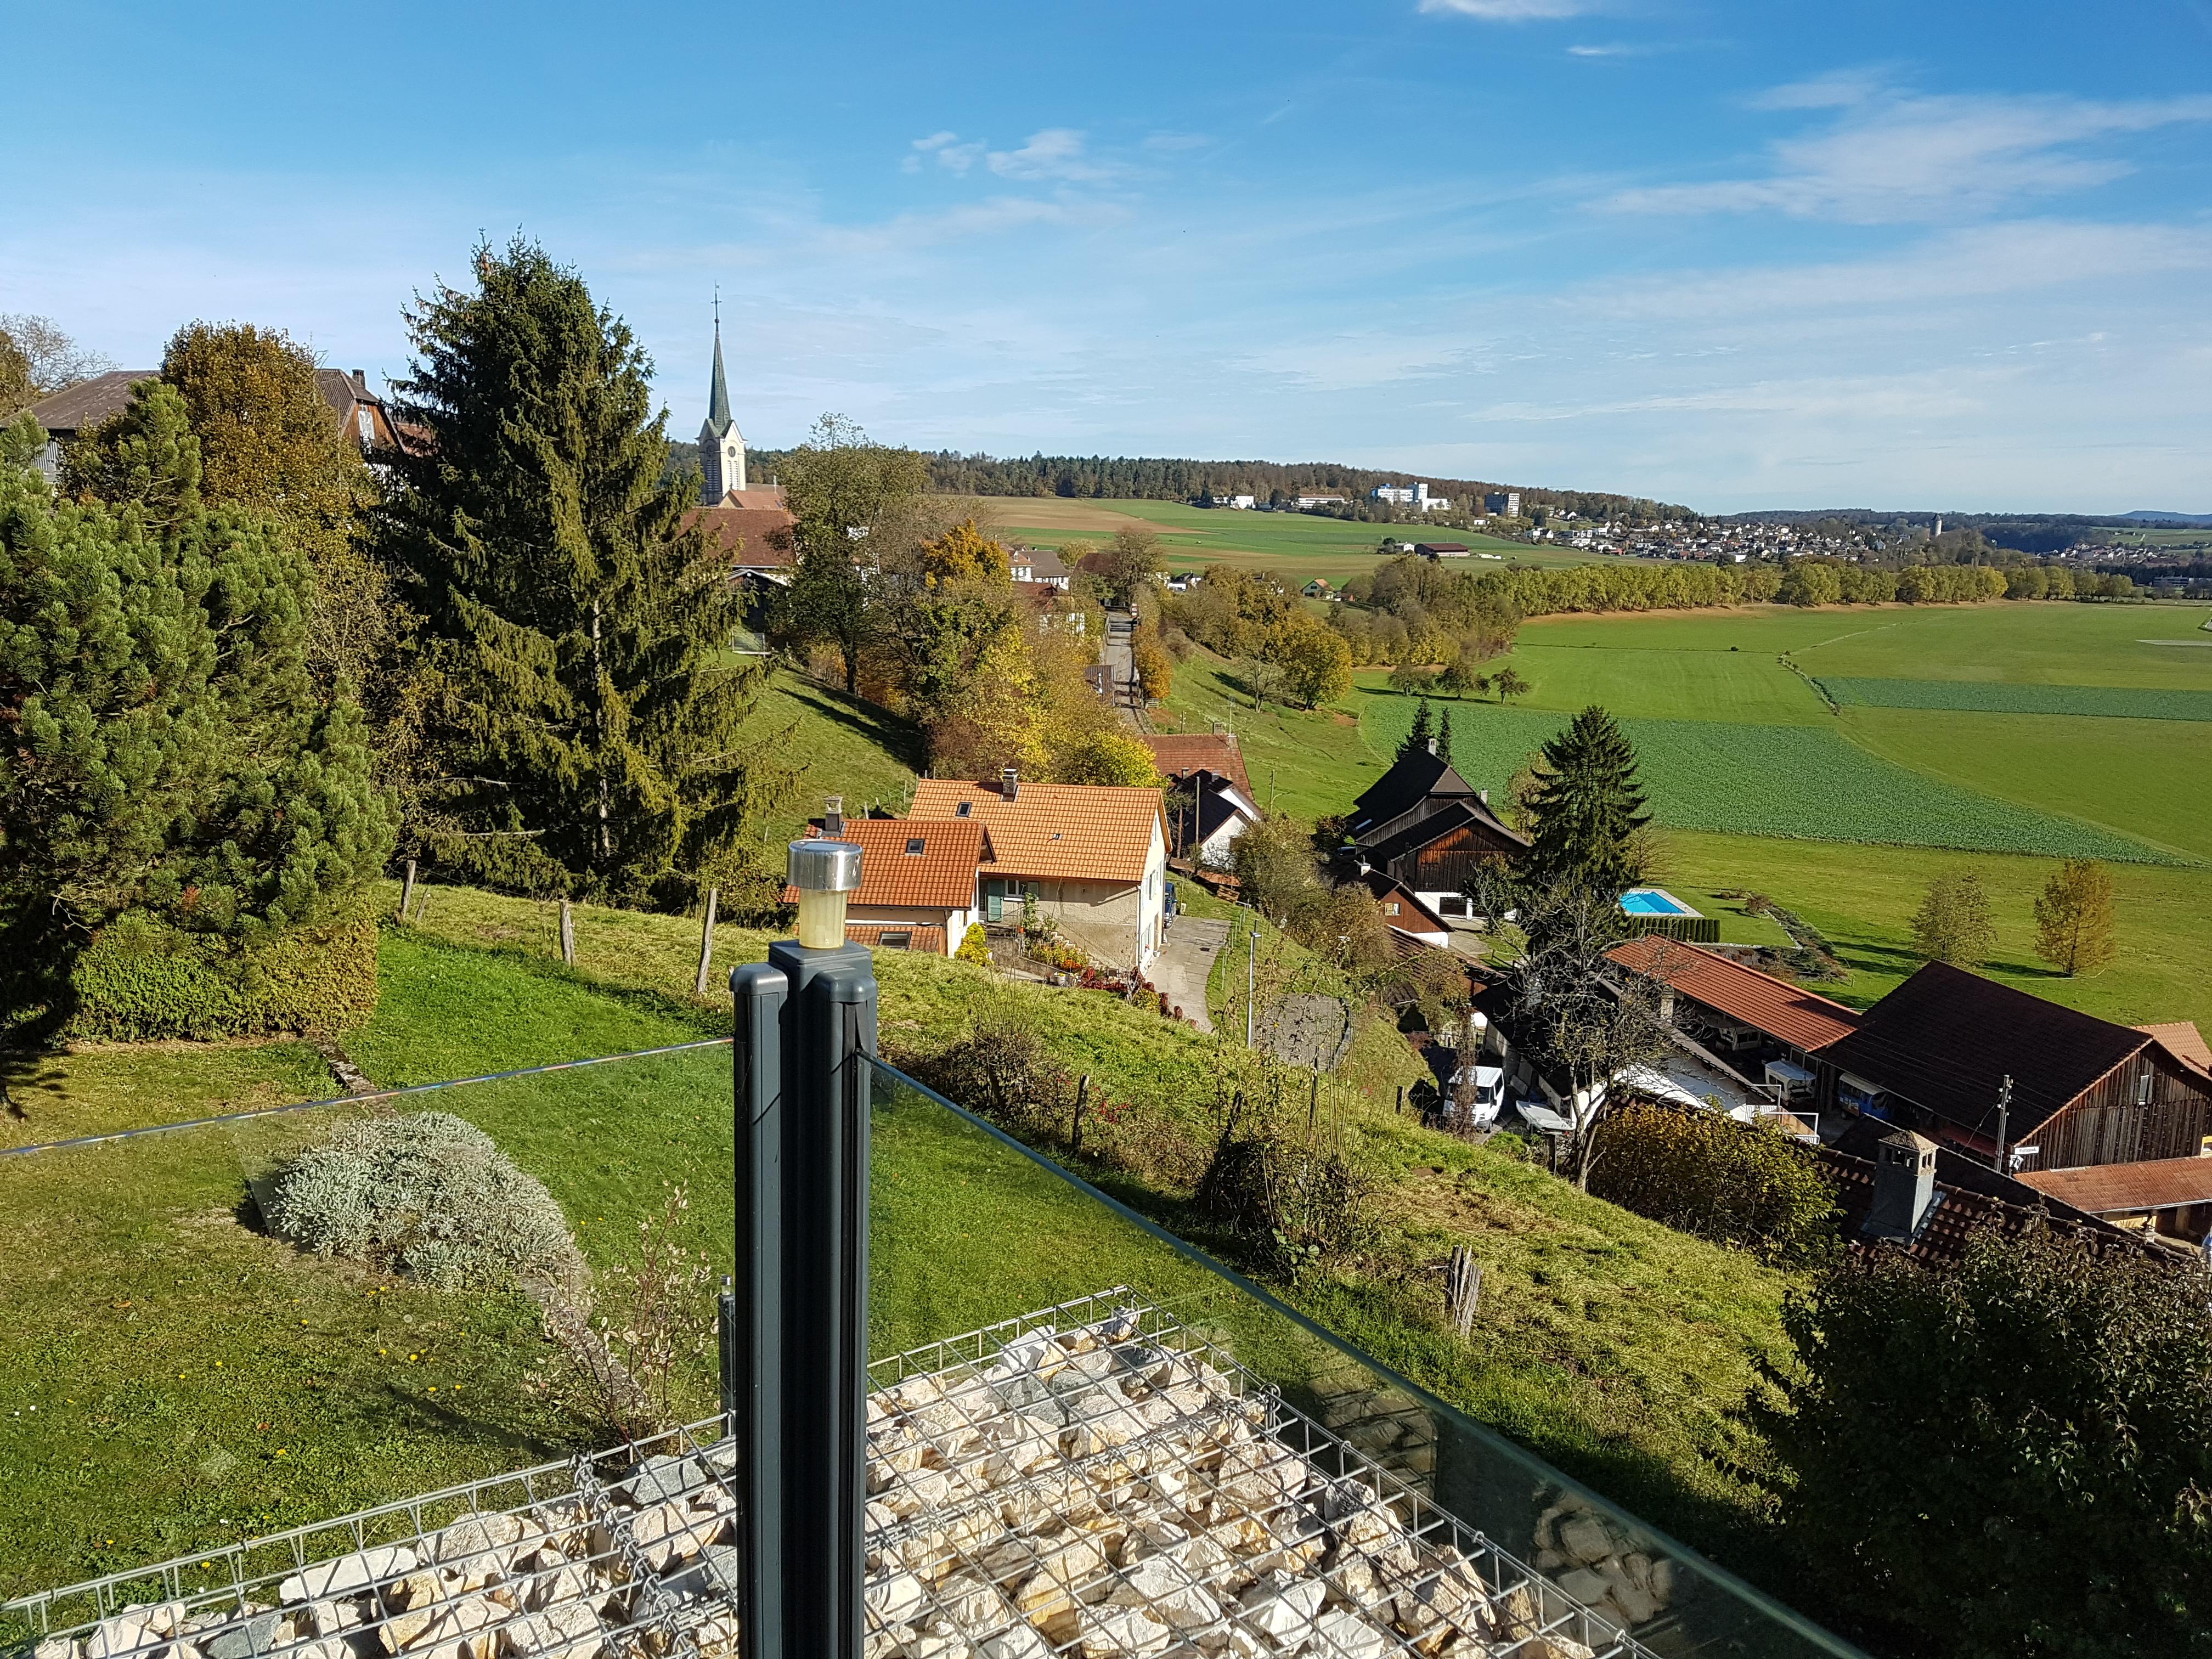 Juraimmobilier Location Et Vente De Biens Immobiliers Dans Le Jura Et Le Jura Bernois